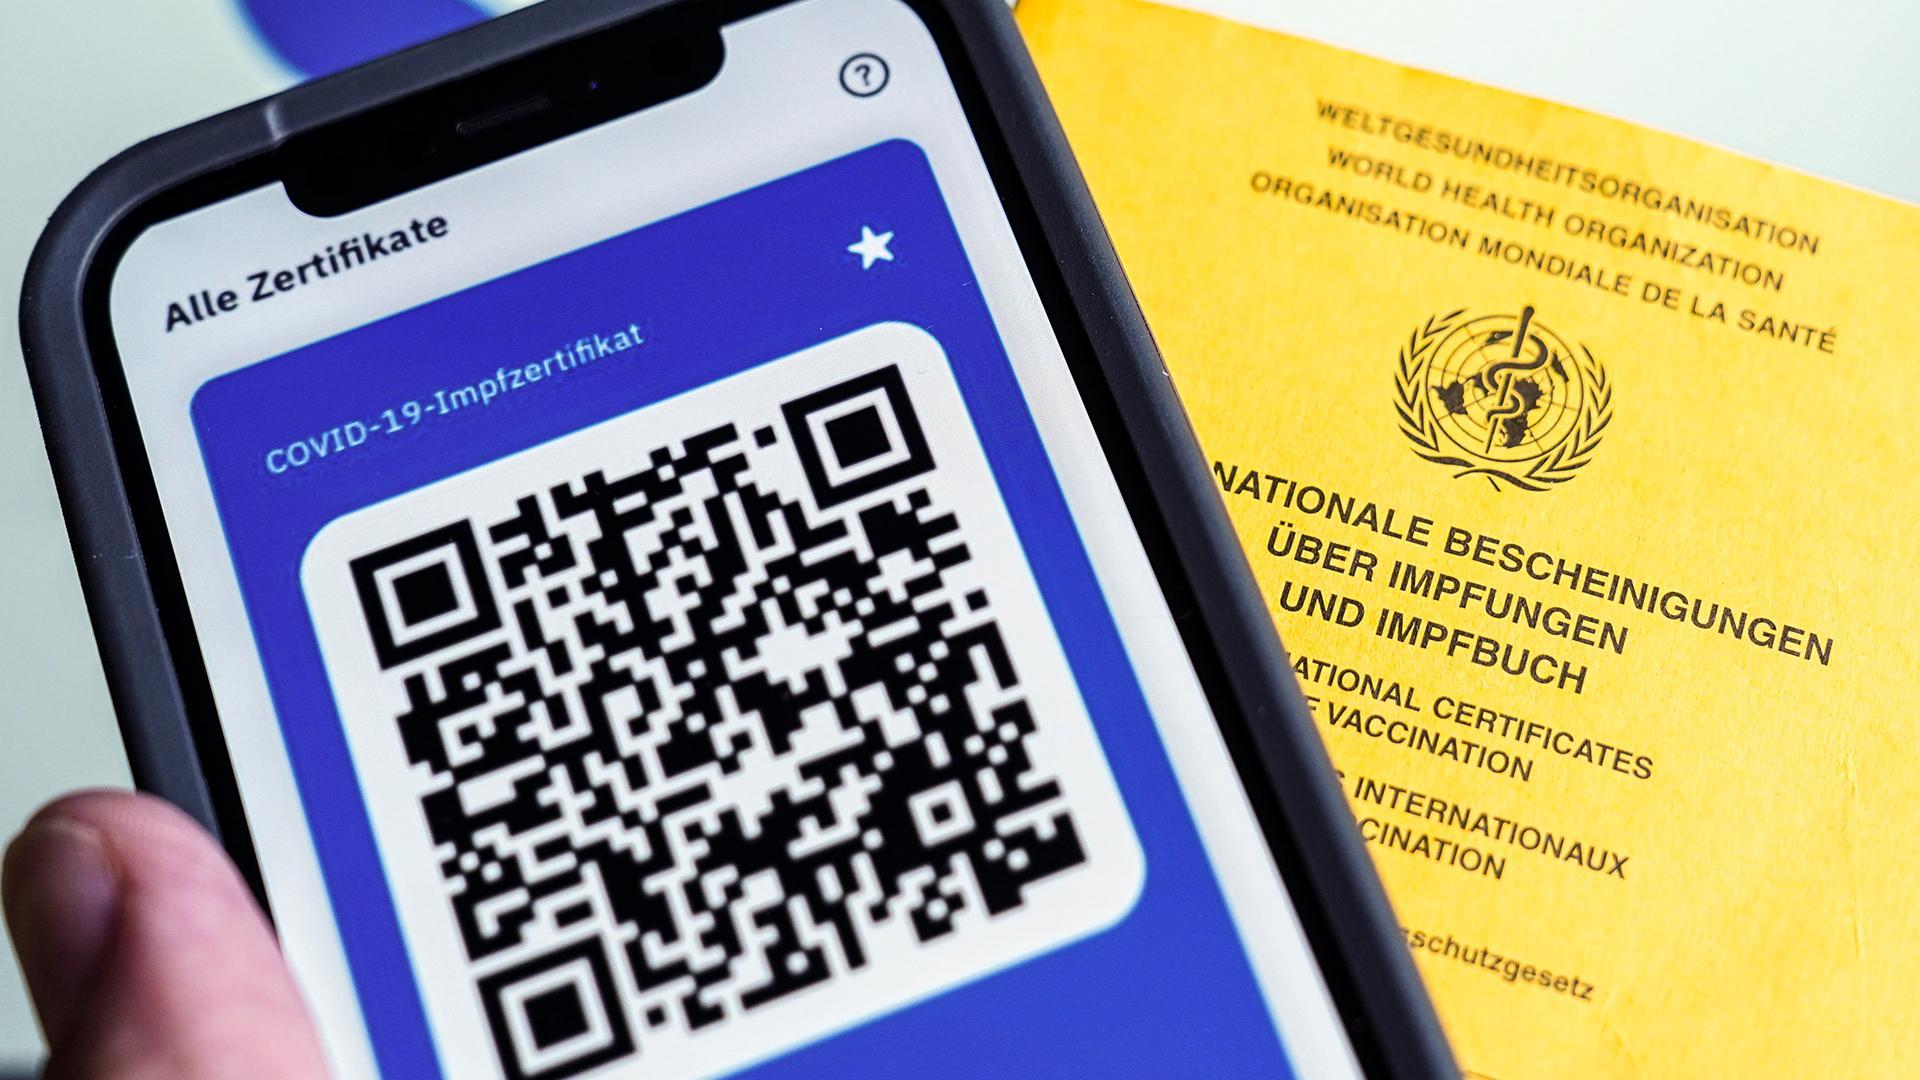 Fragen Und Antworten Zur Covpass App Wie Funktioniert Das Mit Dem Digitalen Impfpass Bayern 3